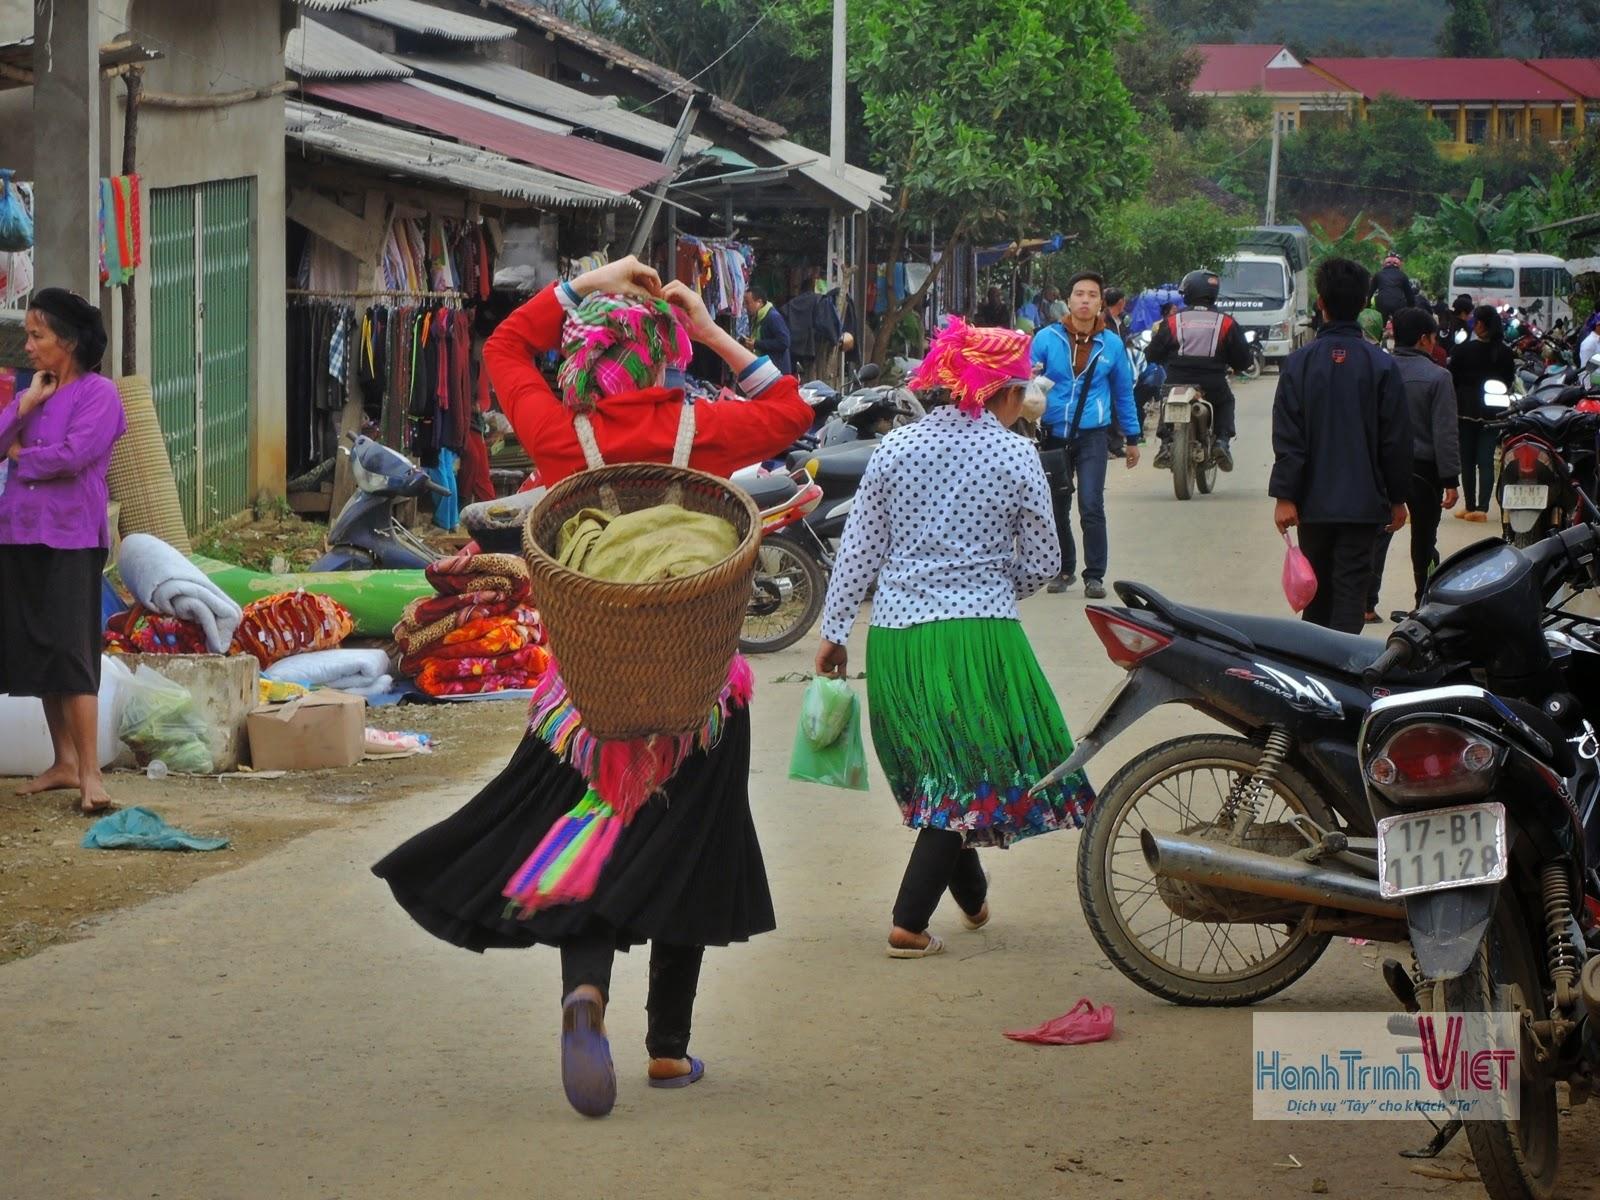 Tham quan chợ dân tộc miền núi ở Bảo Lạc, Cao Bằng